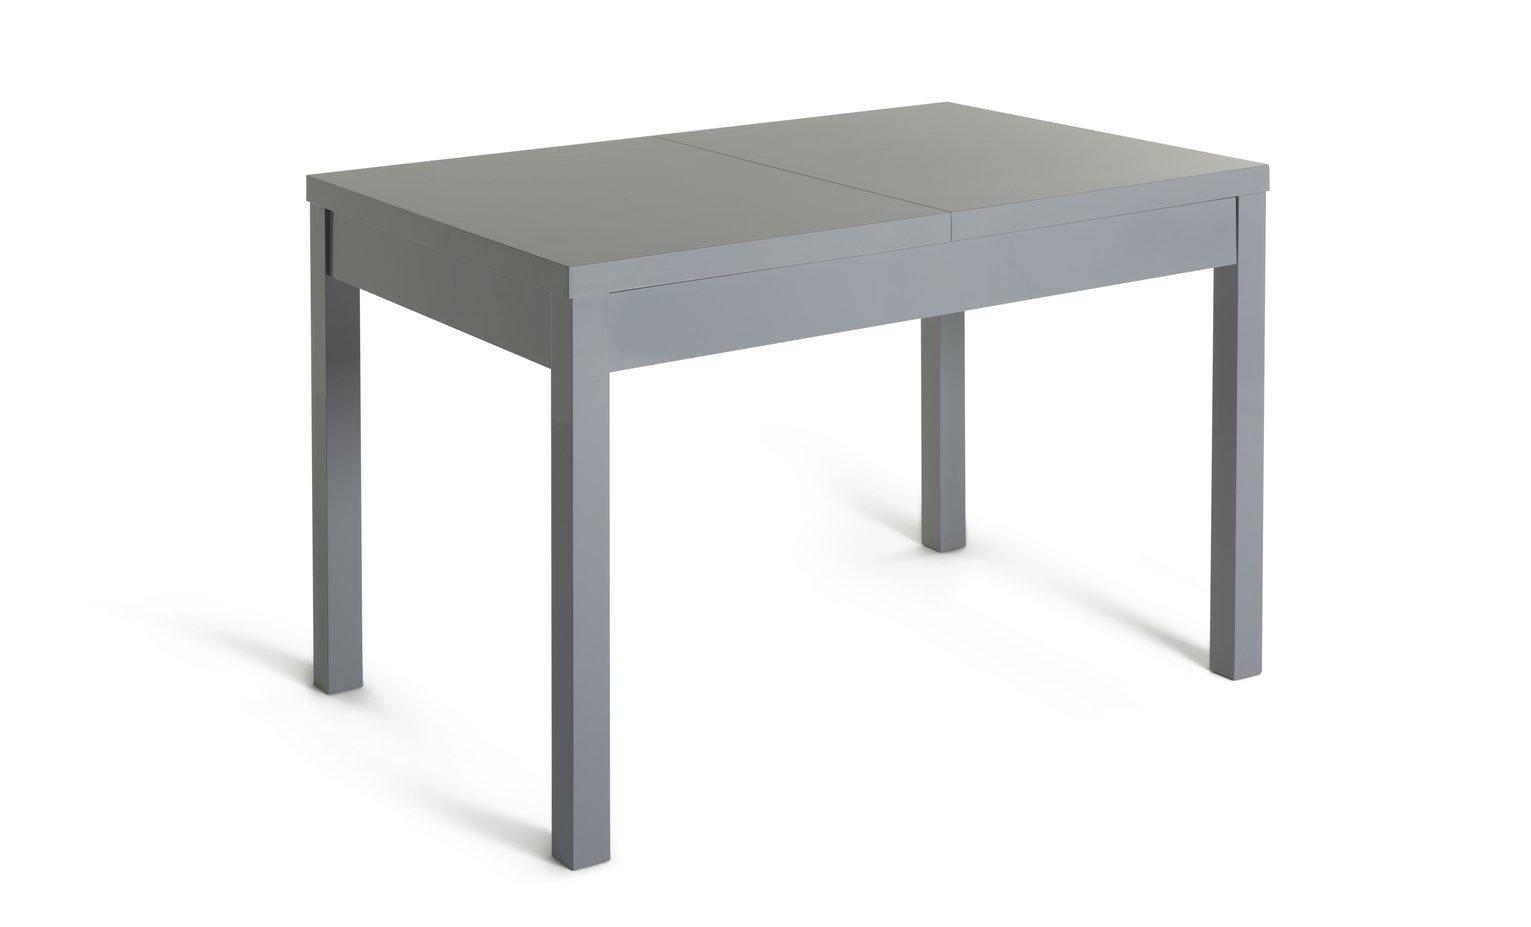 Habitat Lyssa Extending 4-6 Seater Dining Table - Grey